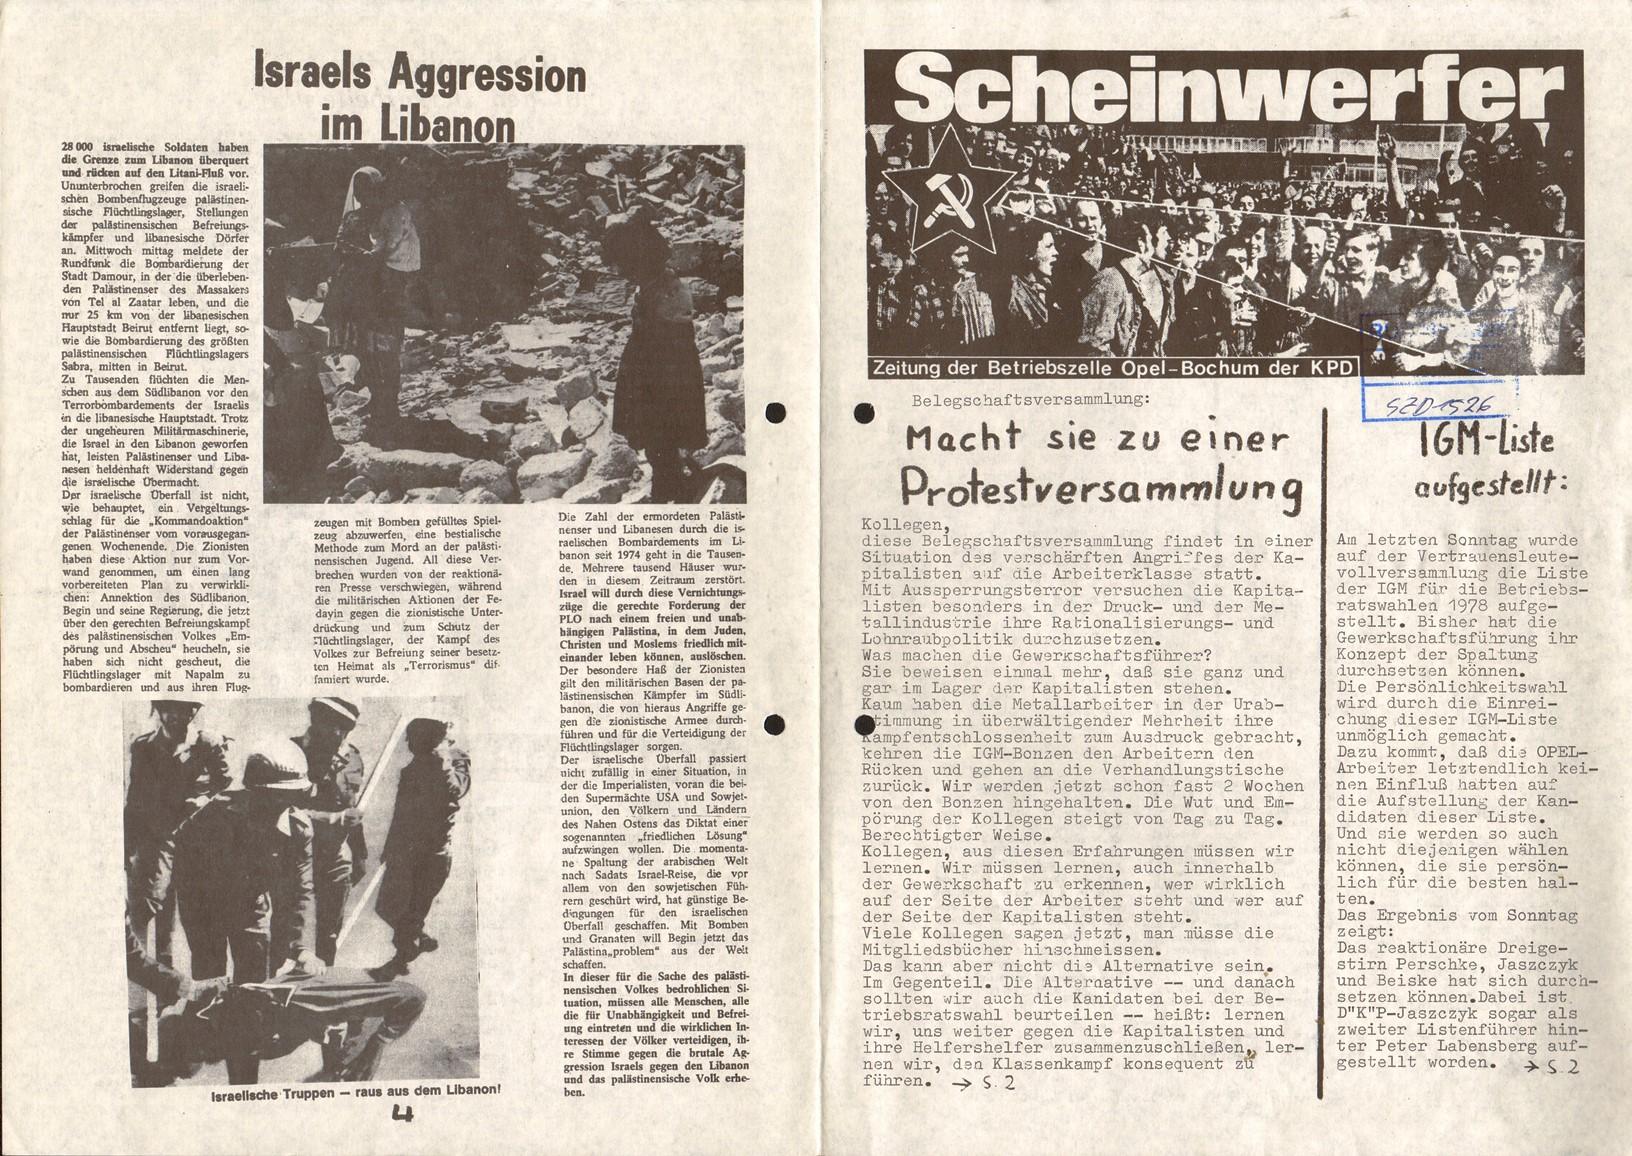 Bochum_Opel_AO_Scheinwerfer_19780400_1_01